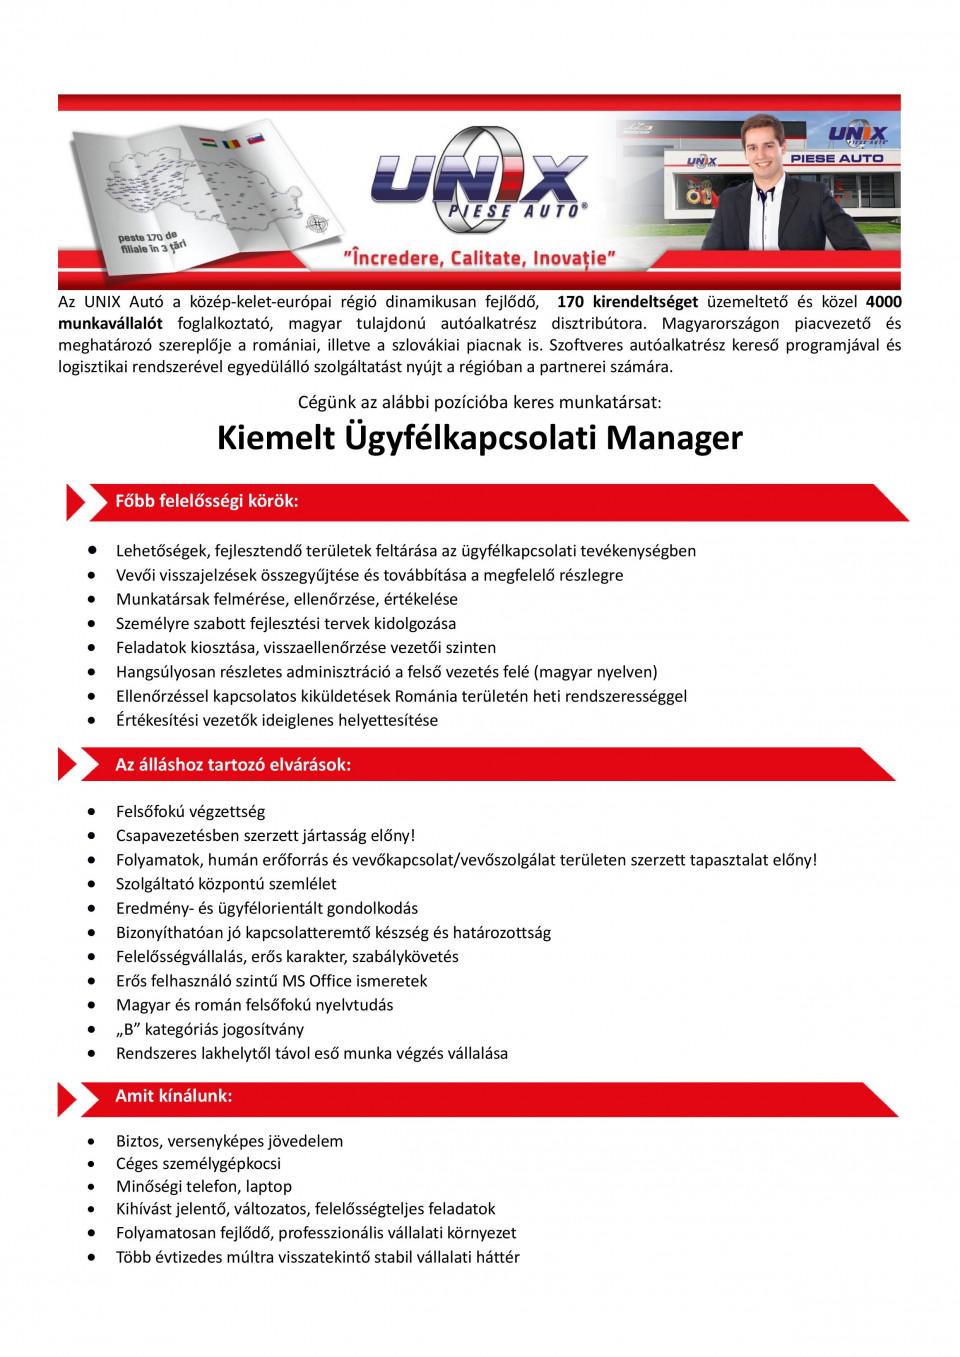 Az UNIX Autó a közép-kelet-európai régió dinamikusan fejlodo, Magyarország piacvezeto autóalkatrész disztribútora. Az elmúlt 3 évben csapatunk létszáma megduplázódott, így ma már közel 170 kirendeltségben több, mint 4000 munkavállalót foglalkoztatunk. A folyamatos növekedésnek köszönhetoencégünk az alábbi pozícióba keres munkatársat   Szervezetfejlesztési Manager Fobb felelosségi körök:Lehetoségek, fejlesztendo területek feltárása az ügyfélkapcsolati tevékenységben Vevoi visszajelzések összegyujtése és továbbítása a megfelelo részlegre Munkatársak felmérése, ellenorzése, értékelése Személyre szabott fejlesztési tervek kidolgozása Feladatok kiosztása, visszaellenorzése vezetoi szinten Hangsúlyosan részletes adminisztráció a felso vezetés felé (magyar nyelven) Ellenorzéssel kapcsolatos kiküldetések Románia területén heti rendszerességgel Értékesítési vezetok ideiglenes helyettesítéseAz álláshoz tartozó elvárások:Felsofokú végzettség Csapavezetésben szerzett jártasság elony! Folyamatok, humán eroforrás és vevokapcsolat/vevoszolgálat területen szerzett tapasztalat elony! Szolgáltató központú szemlélet Eredmény- és ügyfélorientált gondolkodás Bizonyíthatóan jó kapcsolatteremto készség és határozottság Felelosségvállalás, eros karakter, szabálykövetés Eros felhasználó szintu MS Office ismeretek Magyar és román felsofokú nyelvtudás B kategóriás jogosítvány Rendszeres lakhelytol távol eso munka végzés vállalásaAmit kínálunk:Biztos, versenyképes jövedelem Céges személygépkocsi Minoségi telefon, laptop Kihívást jelento, változatos, felelosségteljes feladatok Folyamatosan fejlodo, professzionális vállalati környezet Több évtizedes múltra visszatekinto stabil vállalati háttér